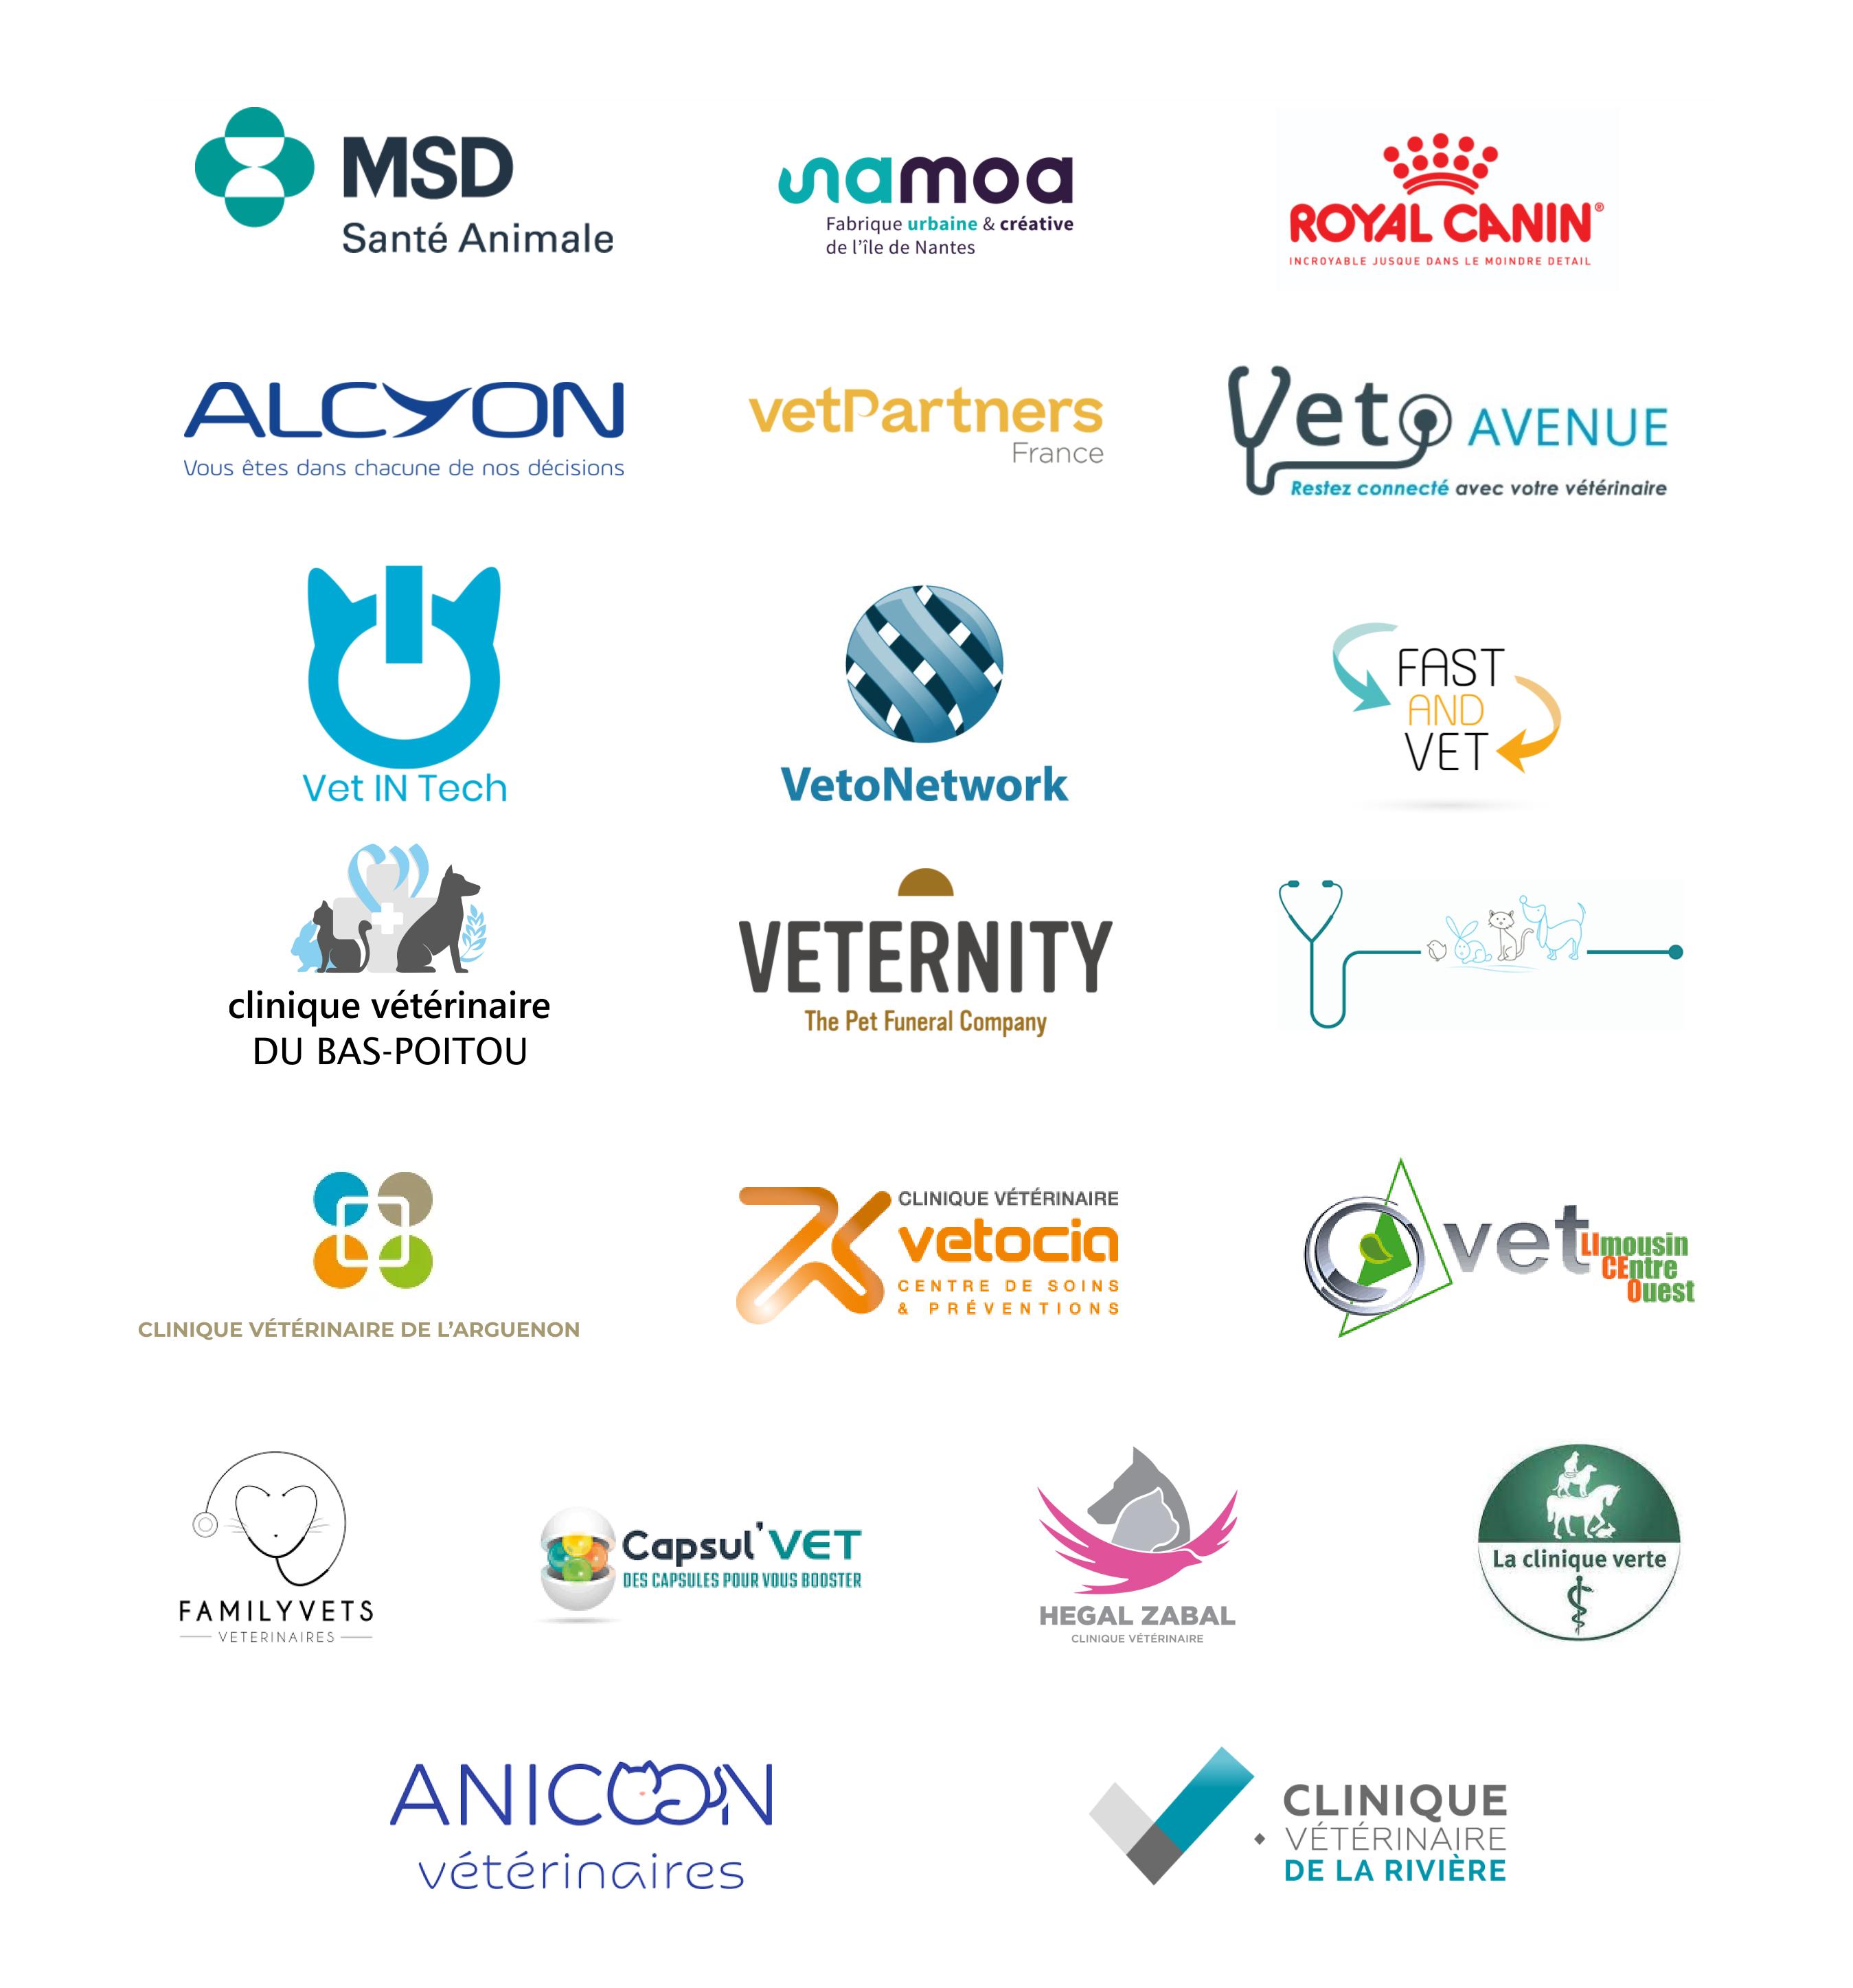 Mosaïque de nos clients, partenaires et cliniques vétérinaires.